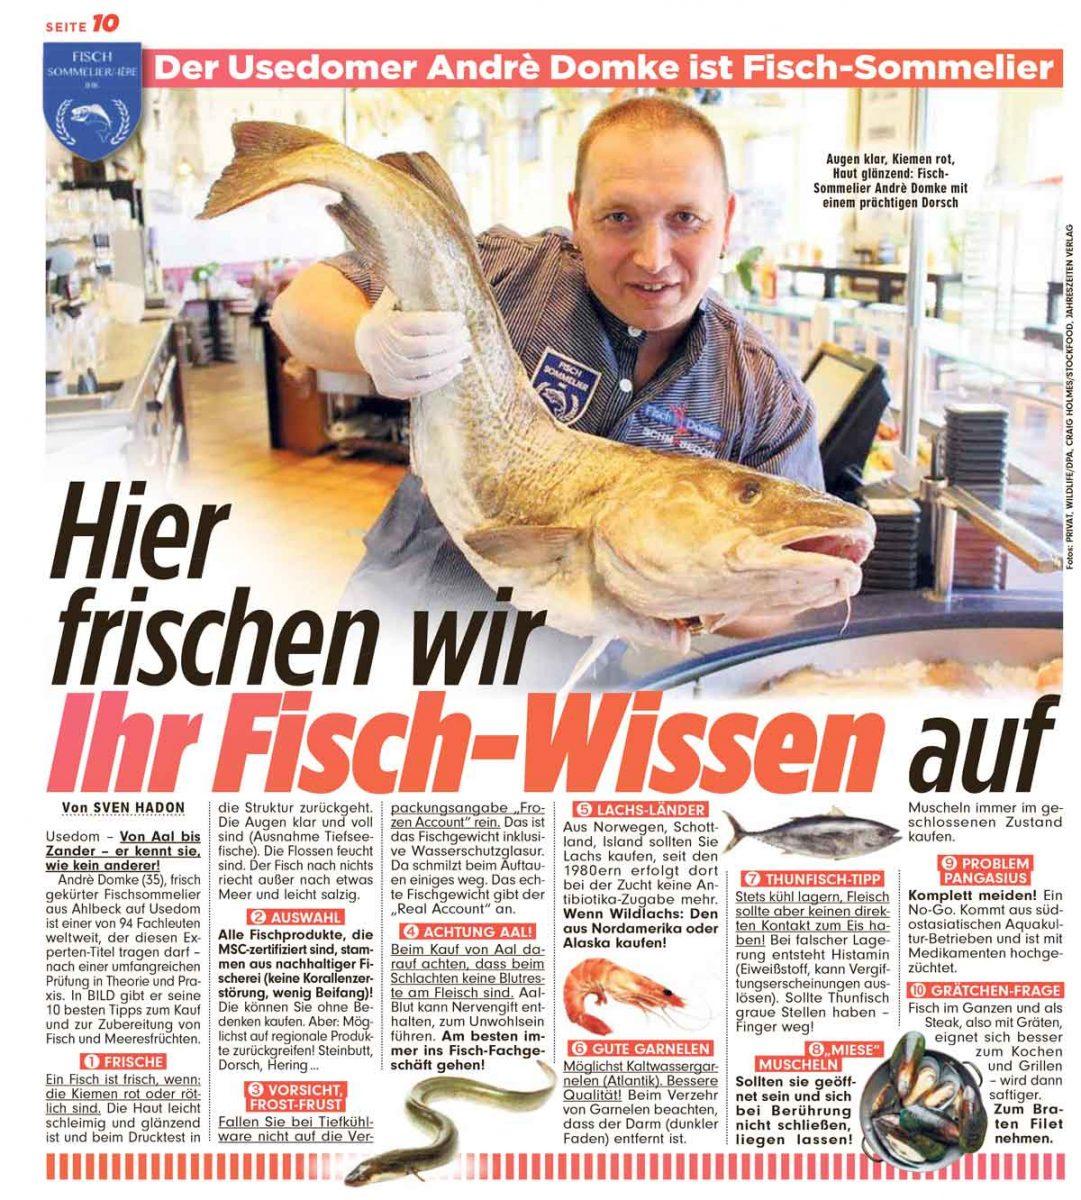 Fischsommelier in der Bild